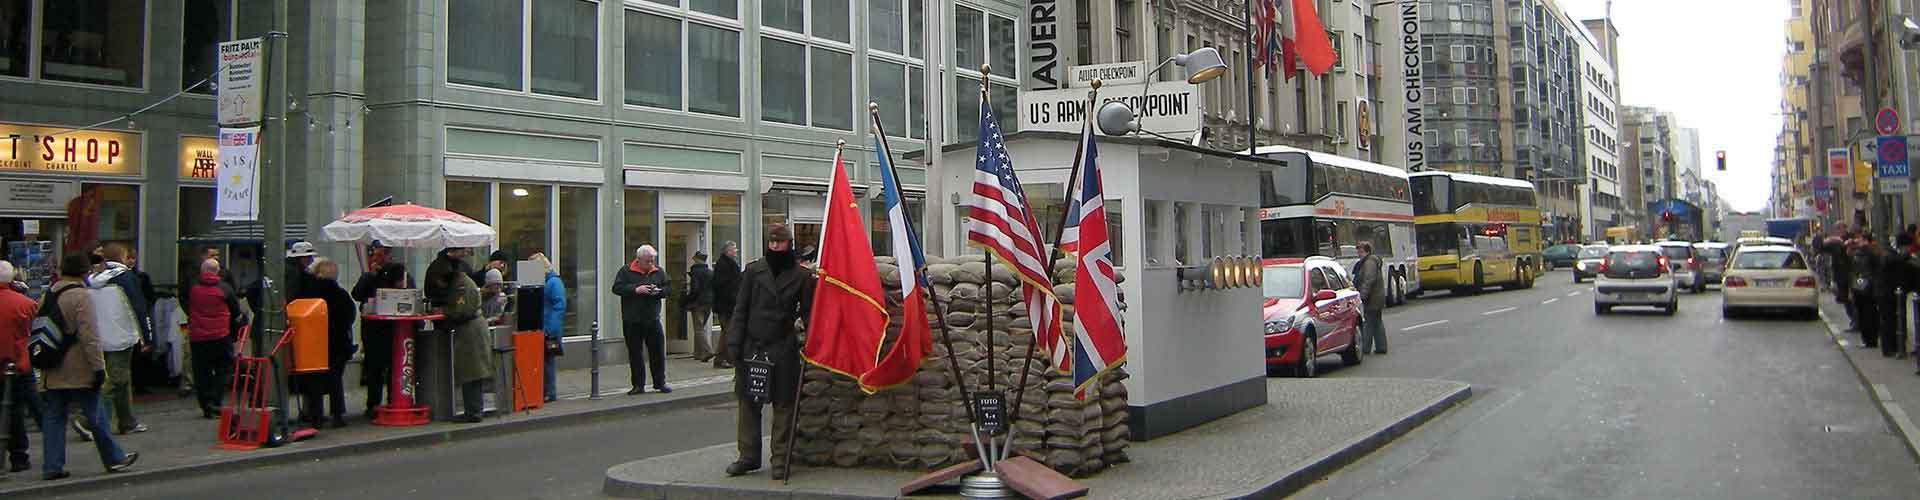 Berlin – Hostellit lähellä Checkpoint Charlie. Berlin -karttoja, valokuvia ja arvosteluja kaikista Berlin -hostelleista.